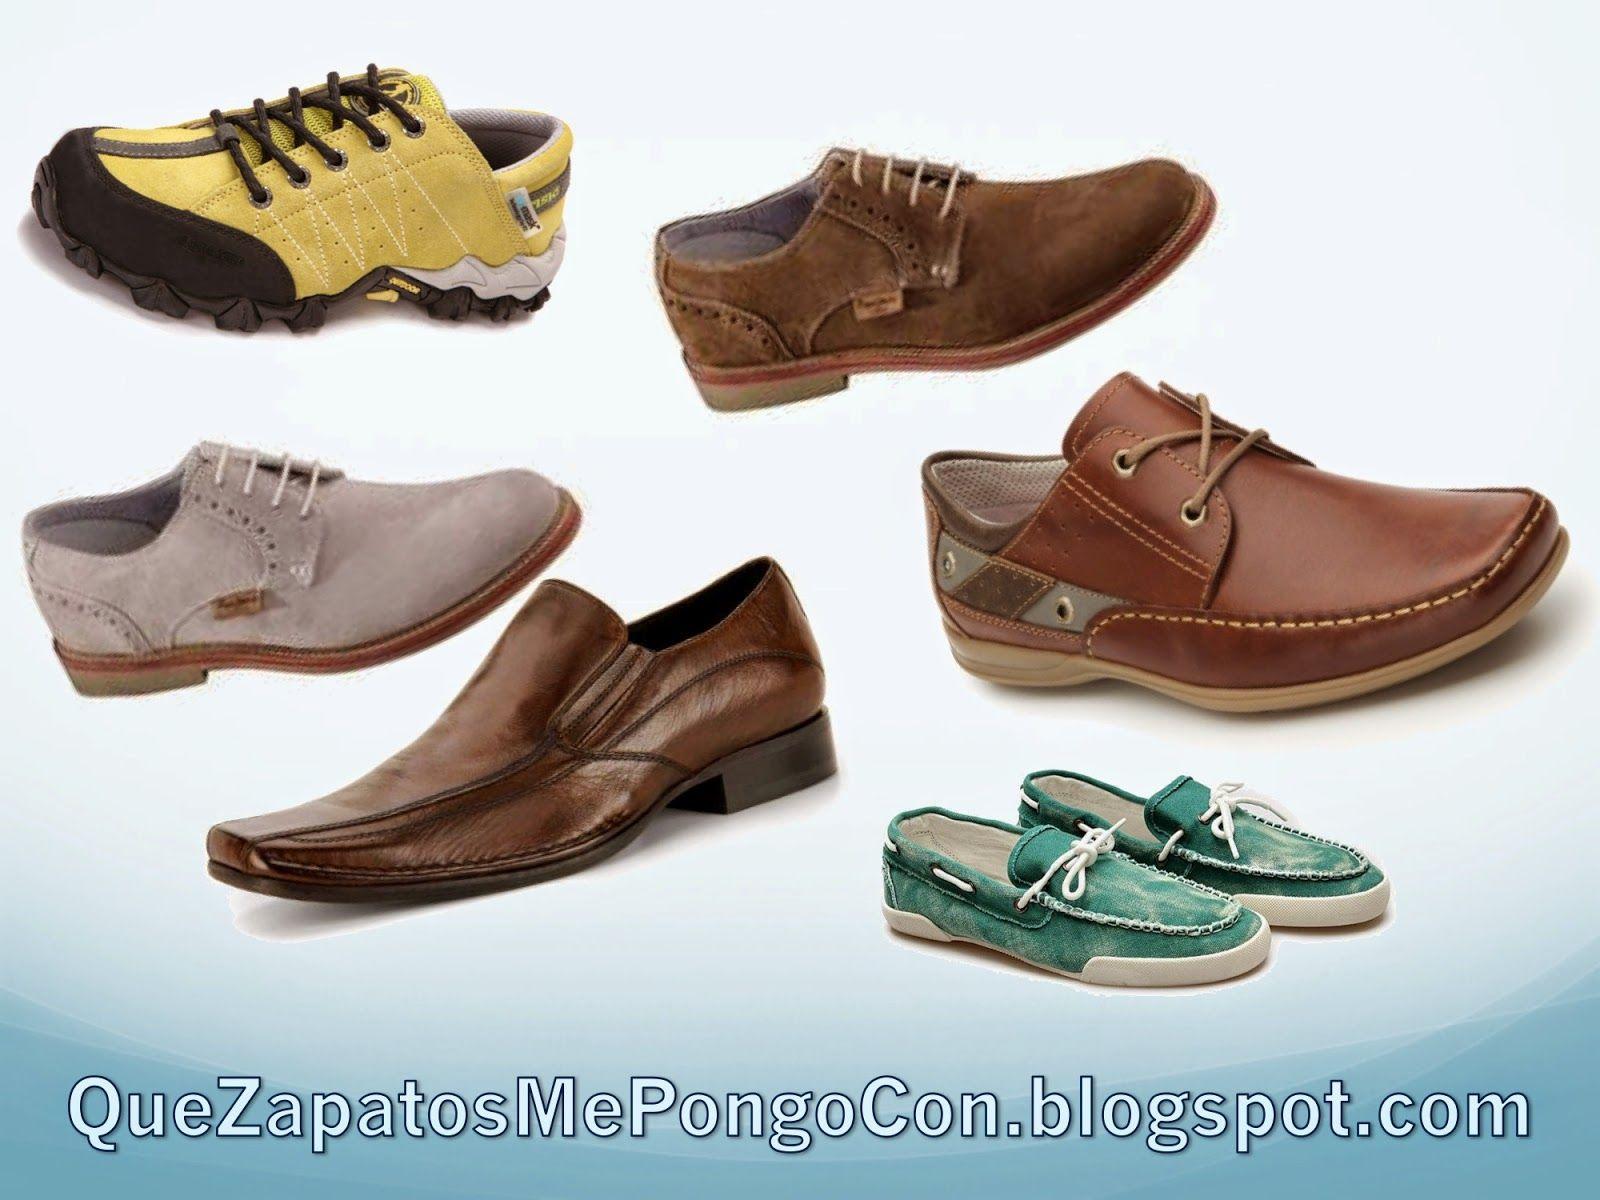 63710e8215 HOMBRES - outfits TIPS PARA USAR ZAPATOS CON JEANS - Que zapatos usar con  unos vaqueros